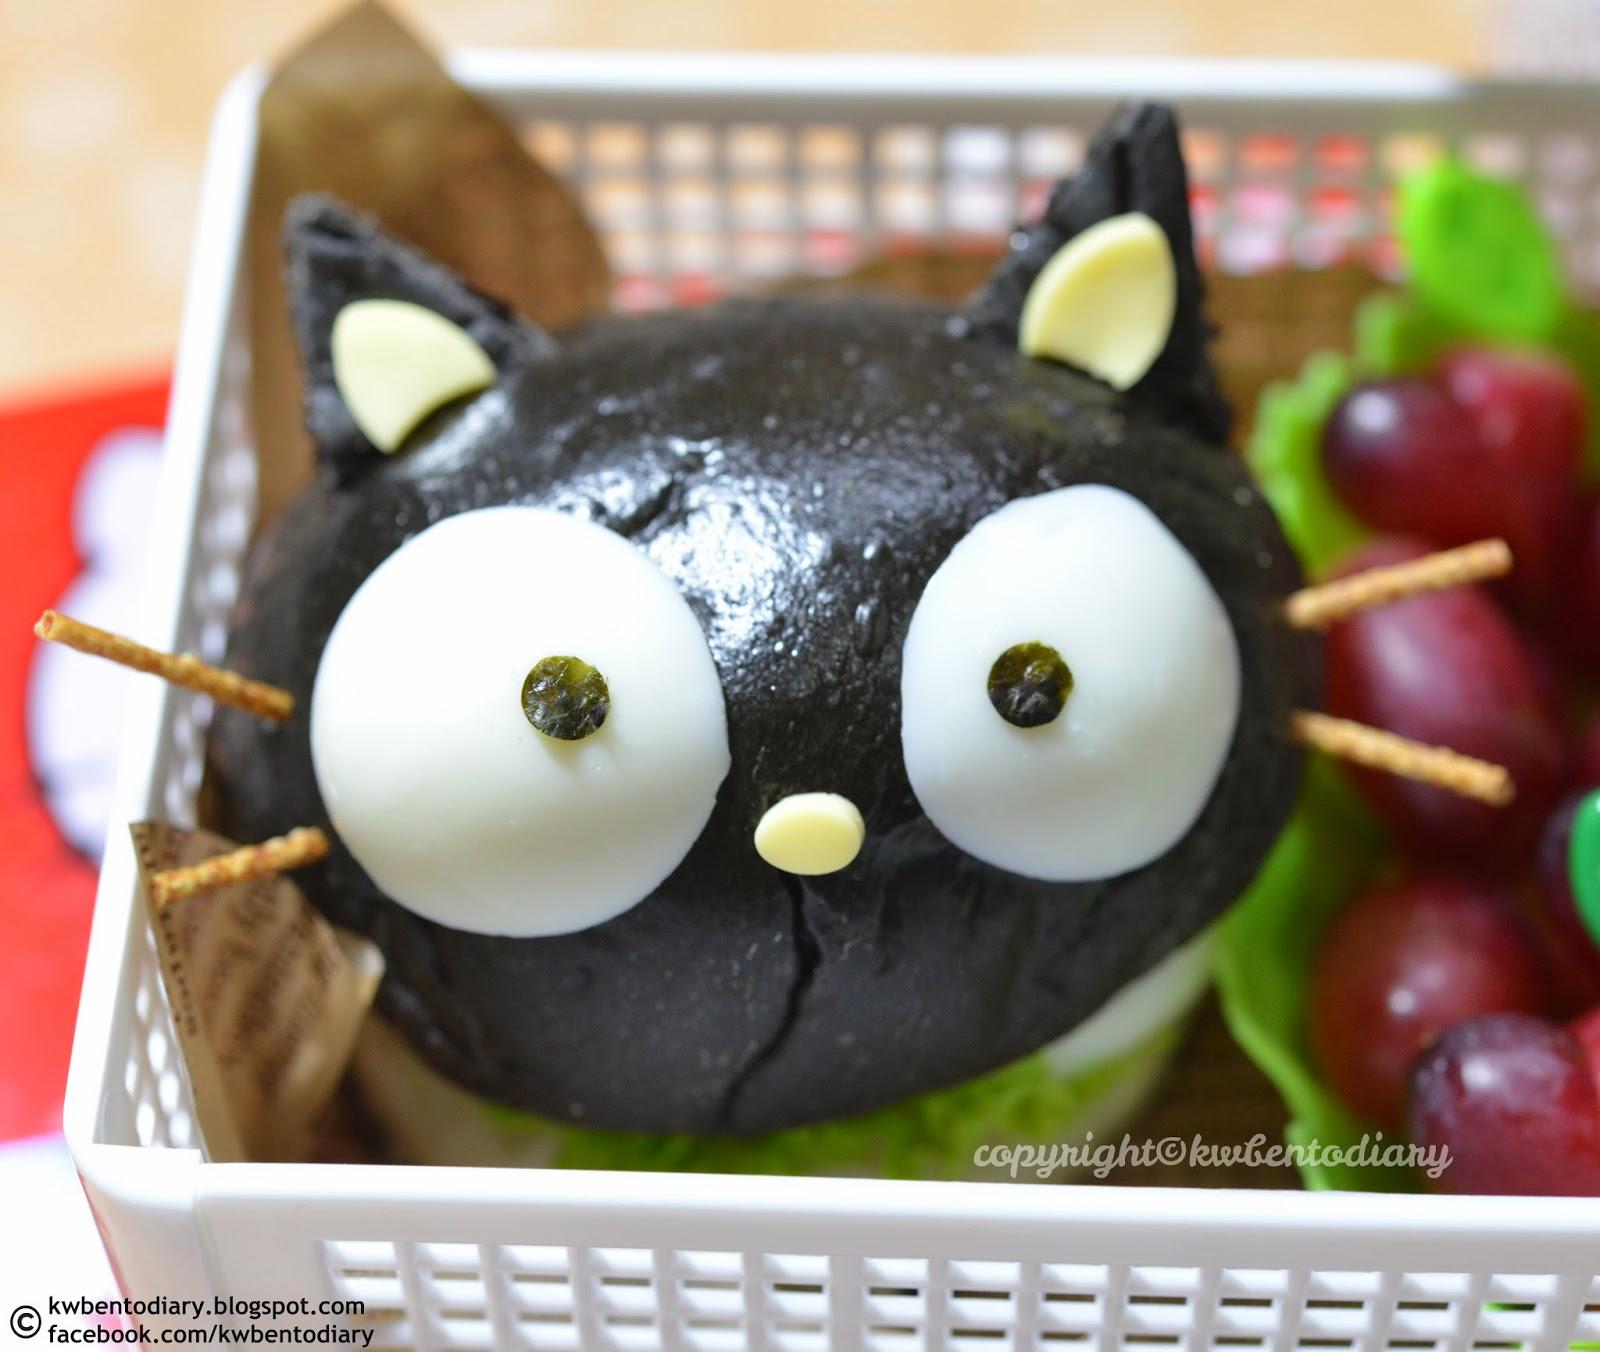 Karenwee's Bento Diary: Bento2014#Apr15~Chococat Burger